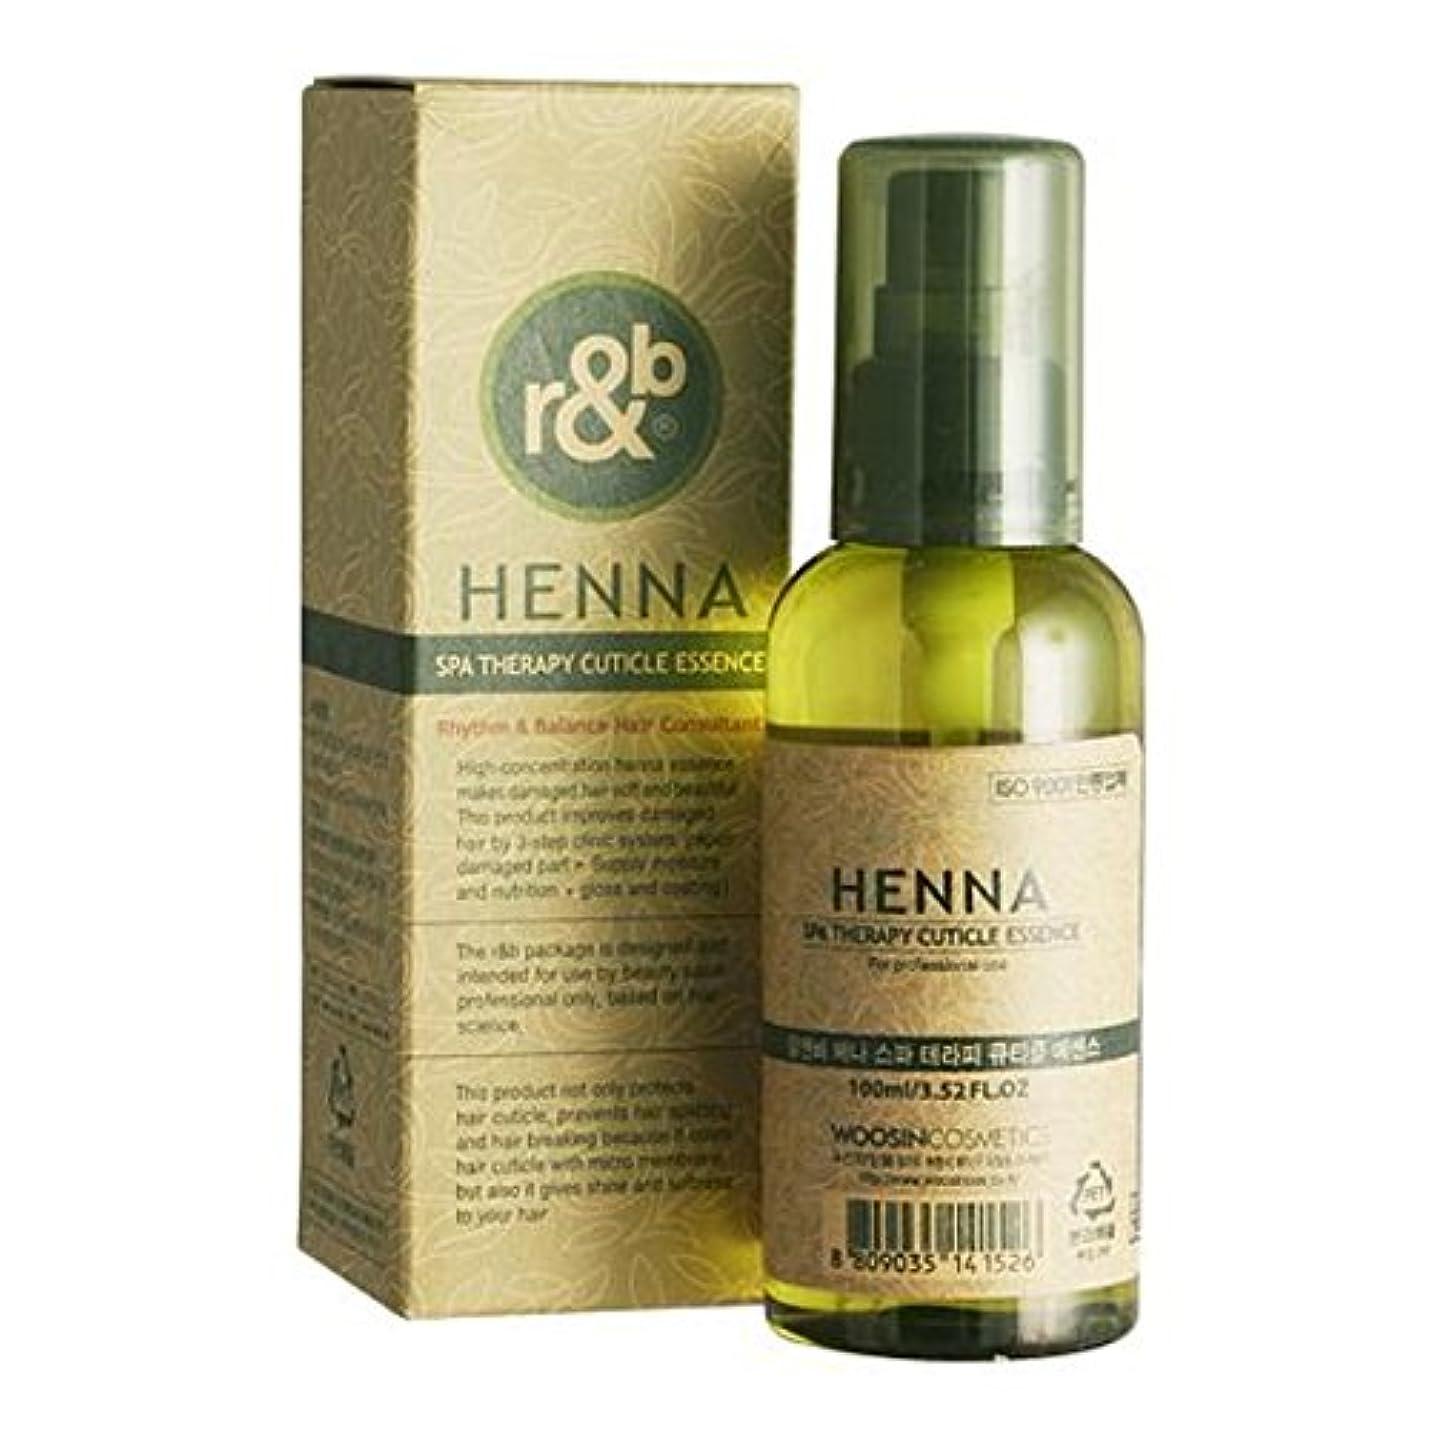 達成肯定的カジュアル[Woosin/ウシン] R&B Henna Spa Therapy Cuticle Essence 100ml/ウシンR&Bヘナスパセラピーキューティクルエッセンス(海外直送品)